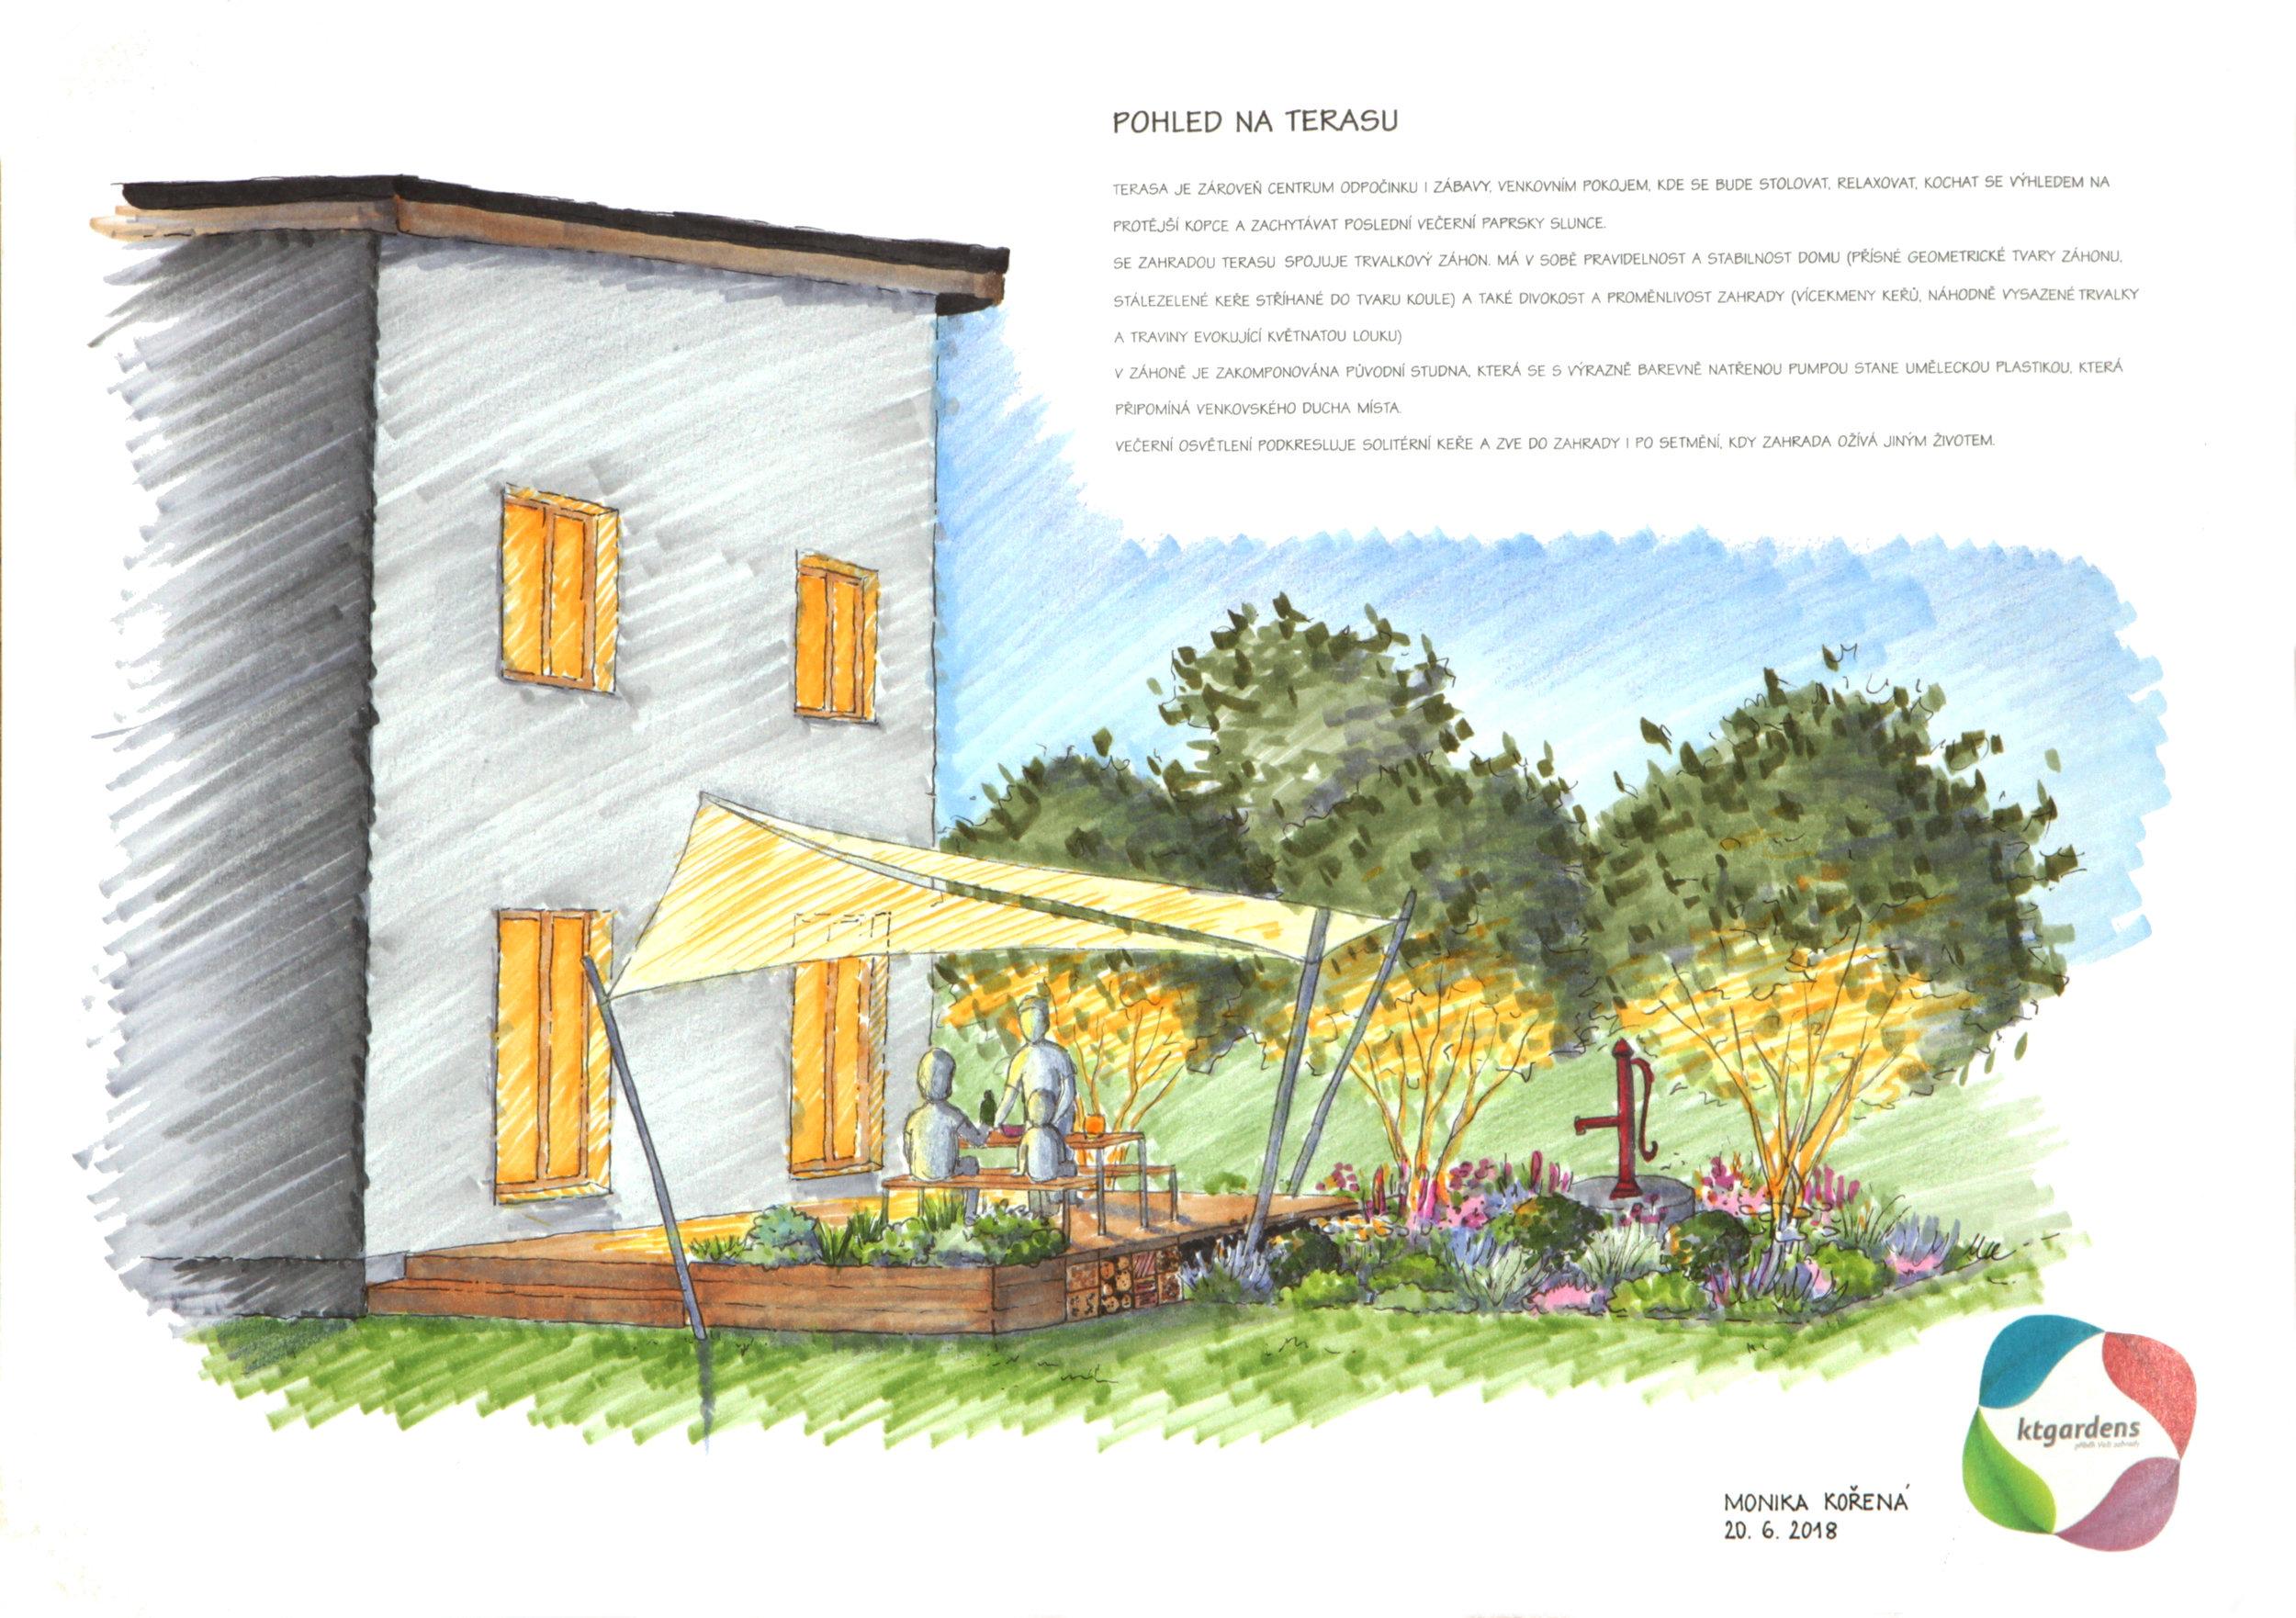 Návrh zahrady v Oldřichovicích, moderní venkovská zahrada, přírodní zahrada, rodinná zahrada, terasa, KTgardens